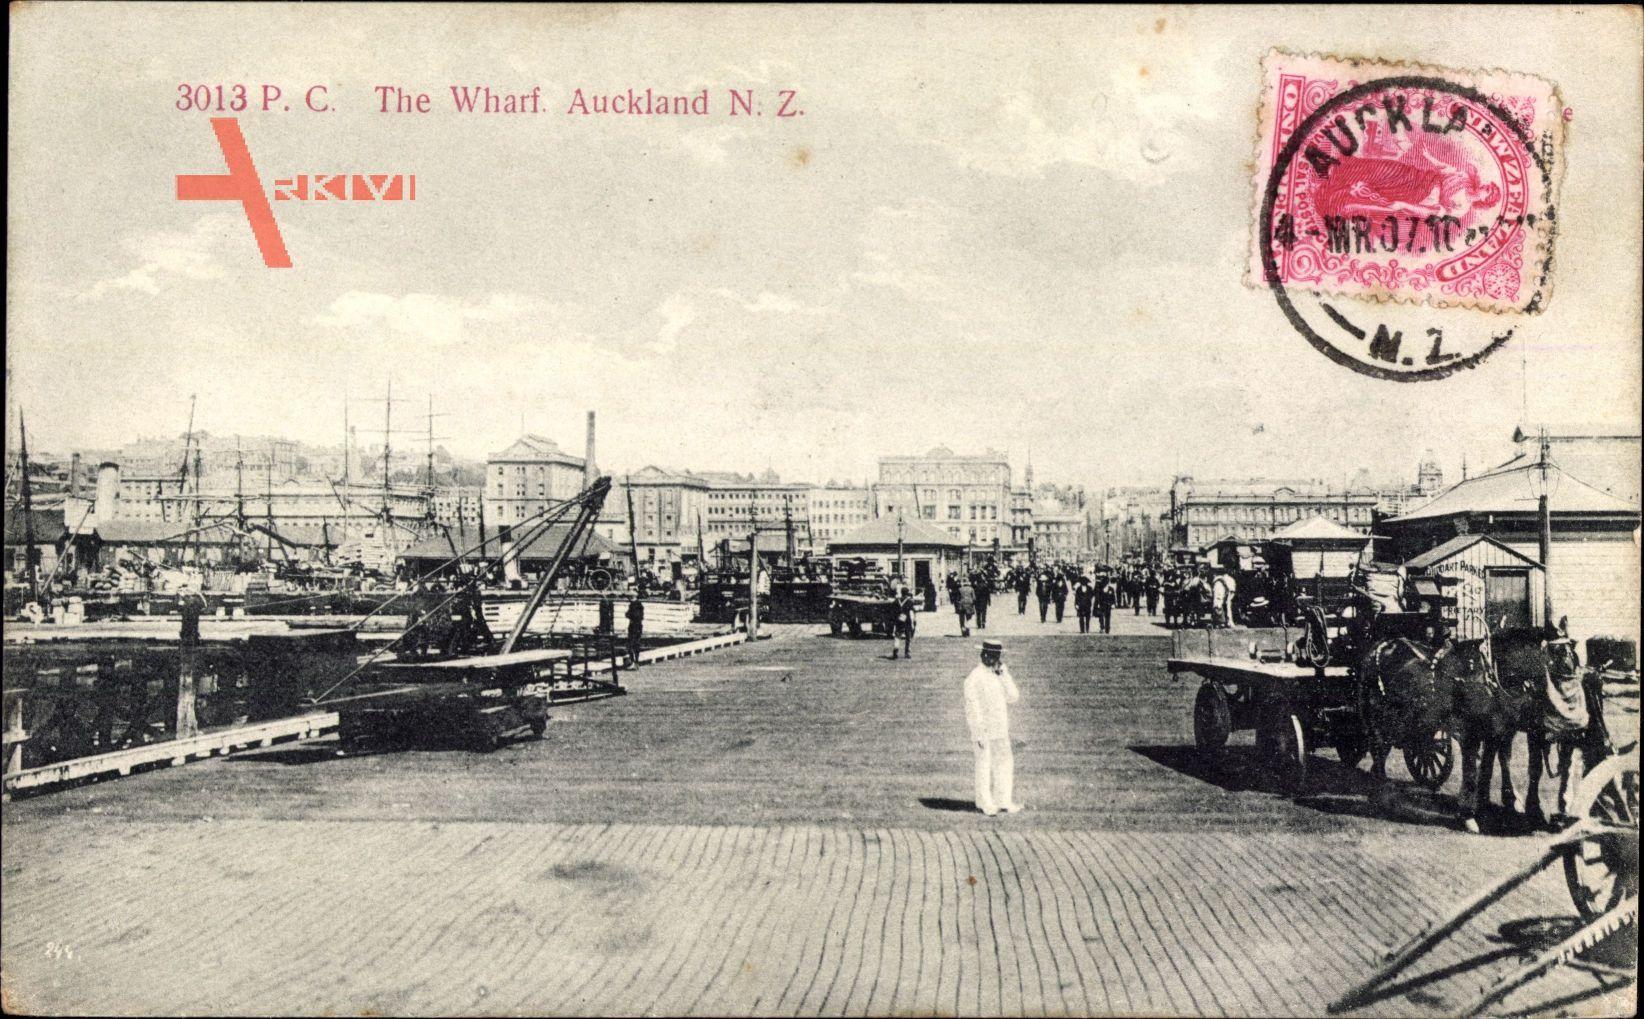 Auckland Neuseeland, The Wharf, Blick in den Hafen, Pferdefuhrwerk